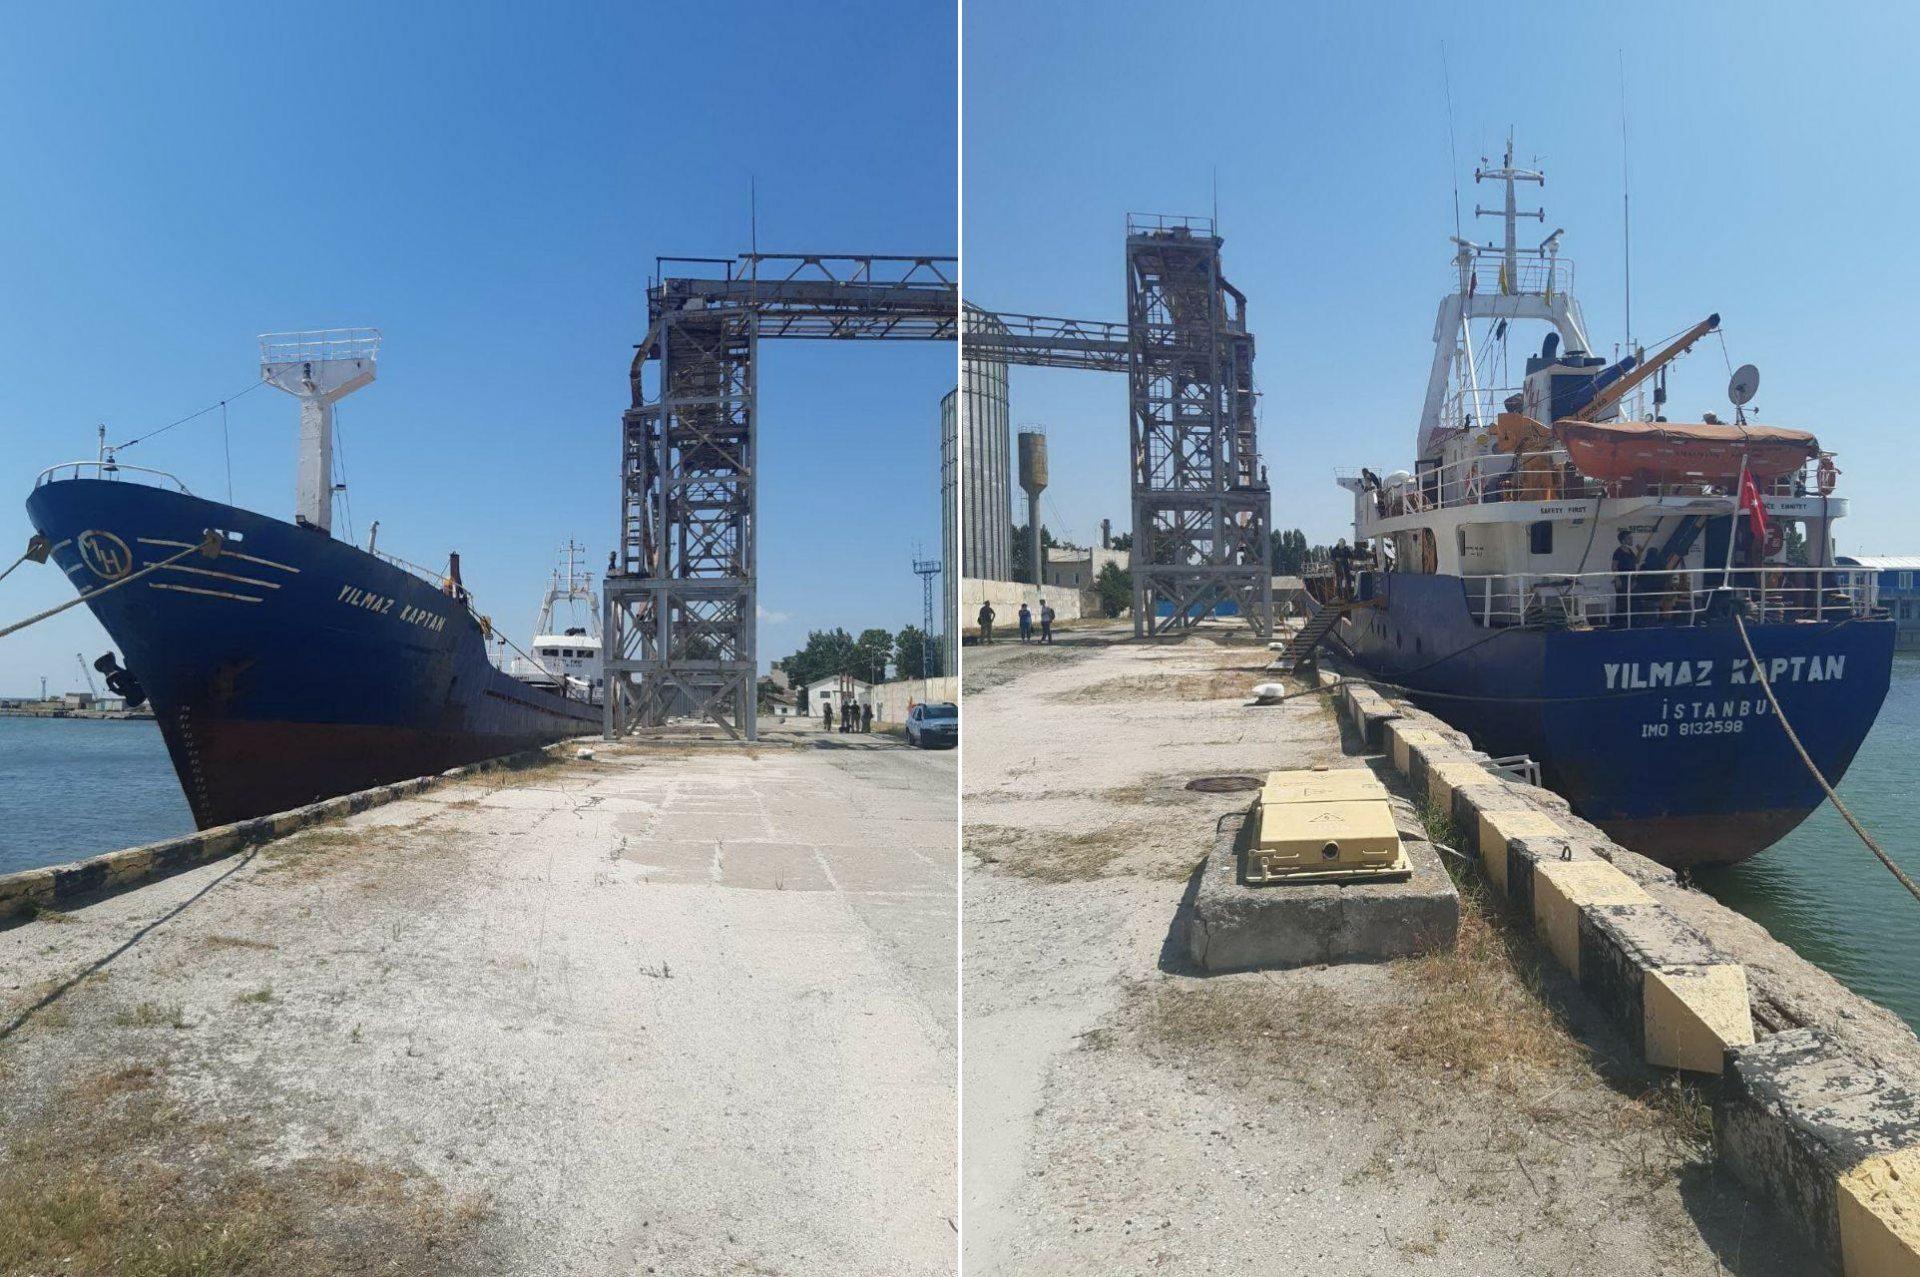 Впервые за последние три года в Скадовский морской порт пришло турецкое судно